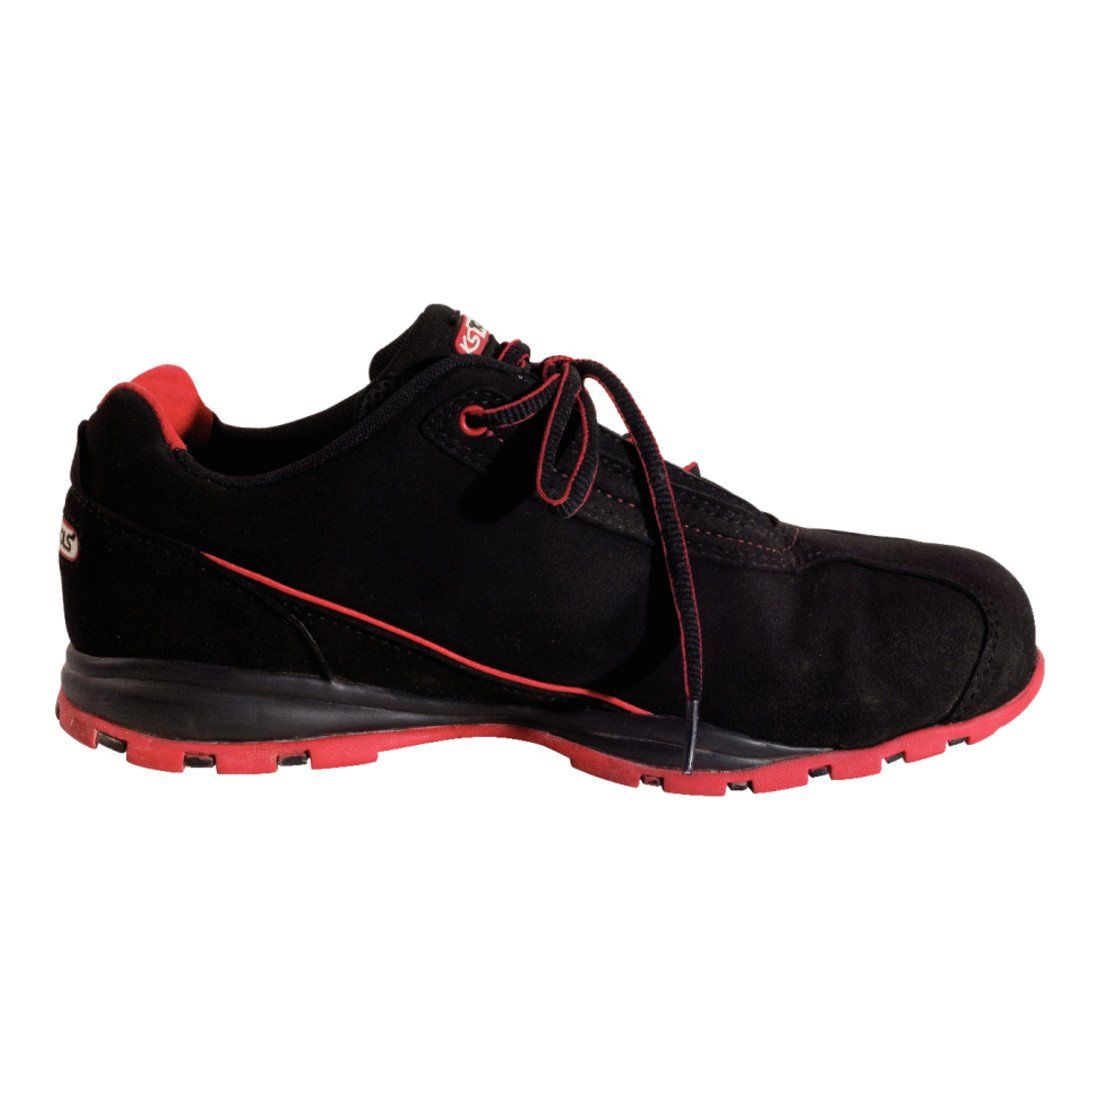 KS Tools 310.0525 Chaussures de s/écurit/é Indoor S1P Taille 42